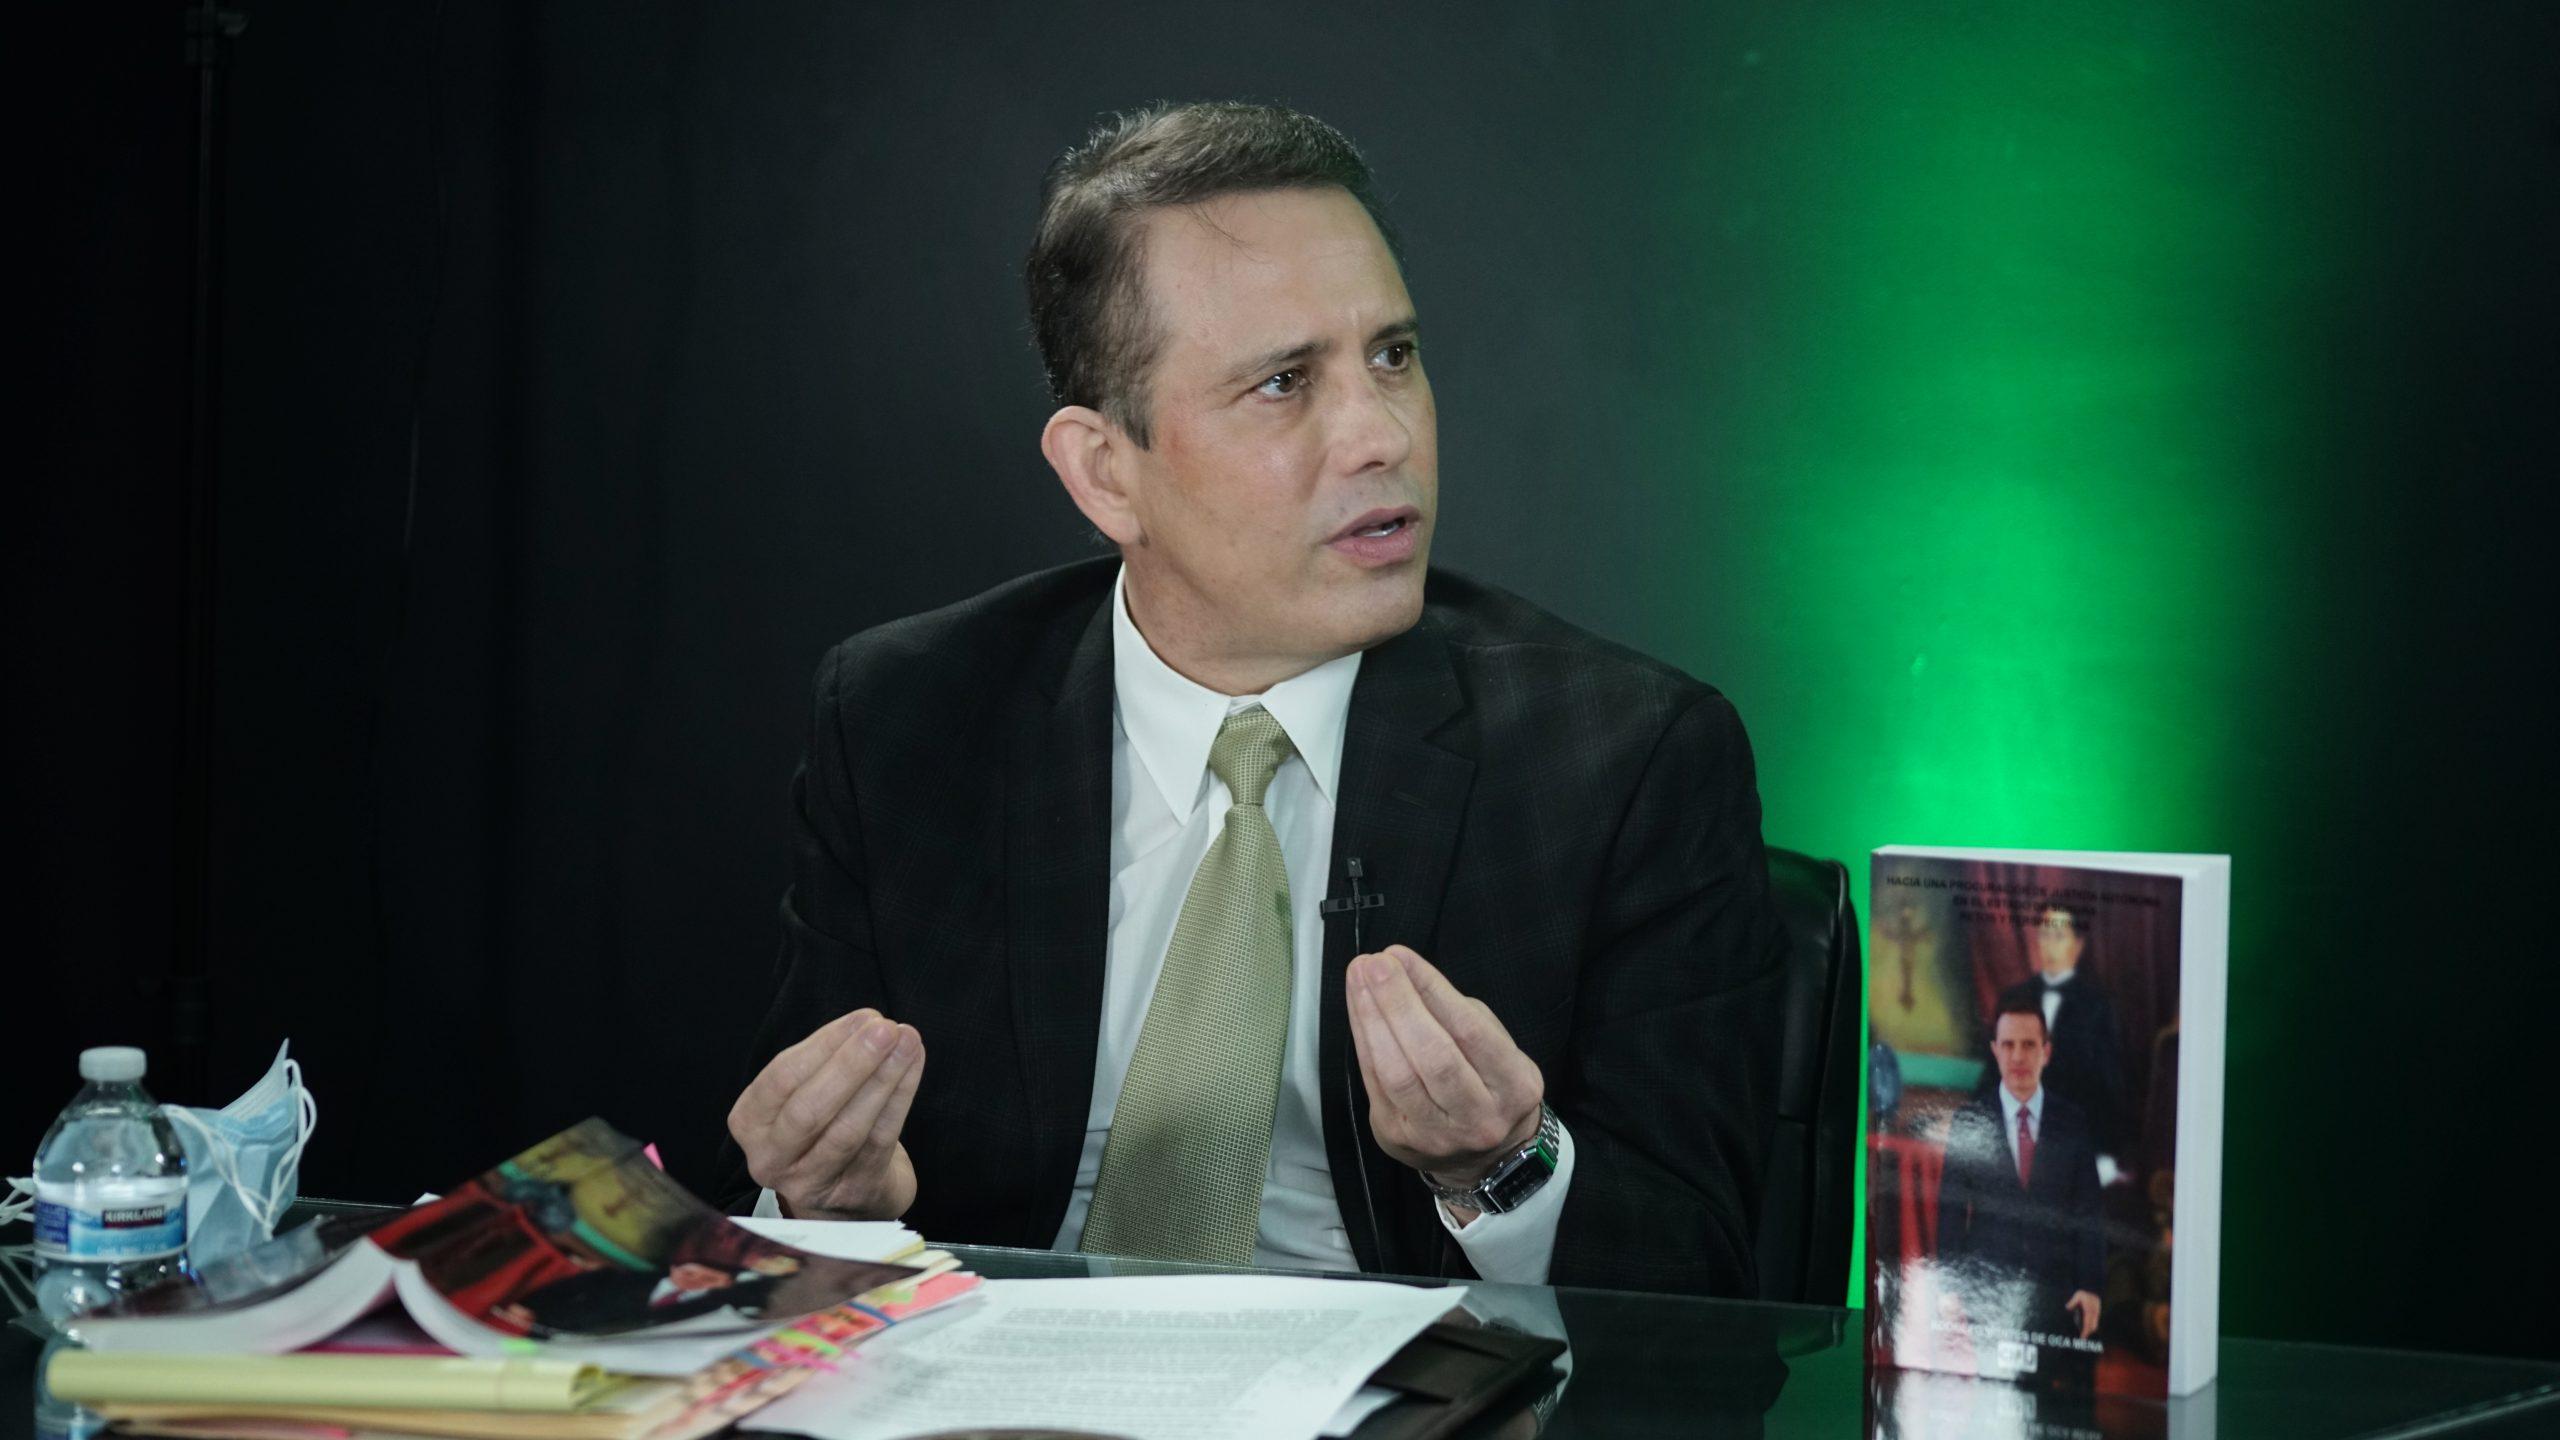 Renuncié a la Fiscalía porquequerían utilizarla para golpeteopolítico y no lo permití: Rodolfo Montes de Oca